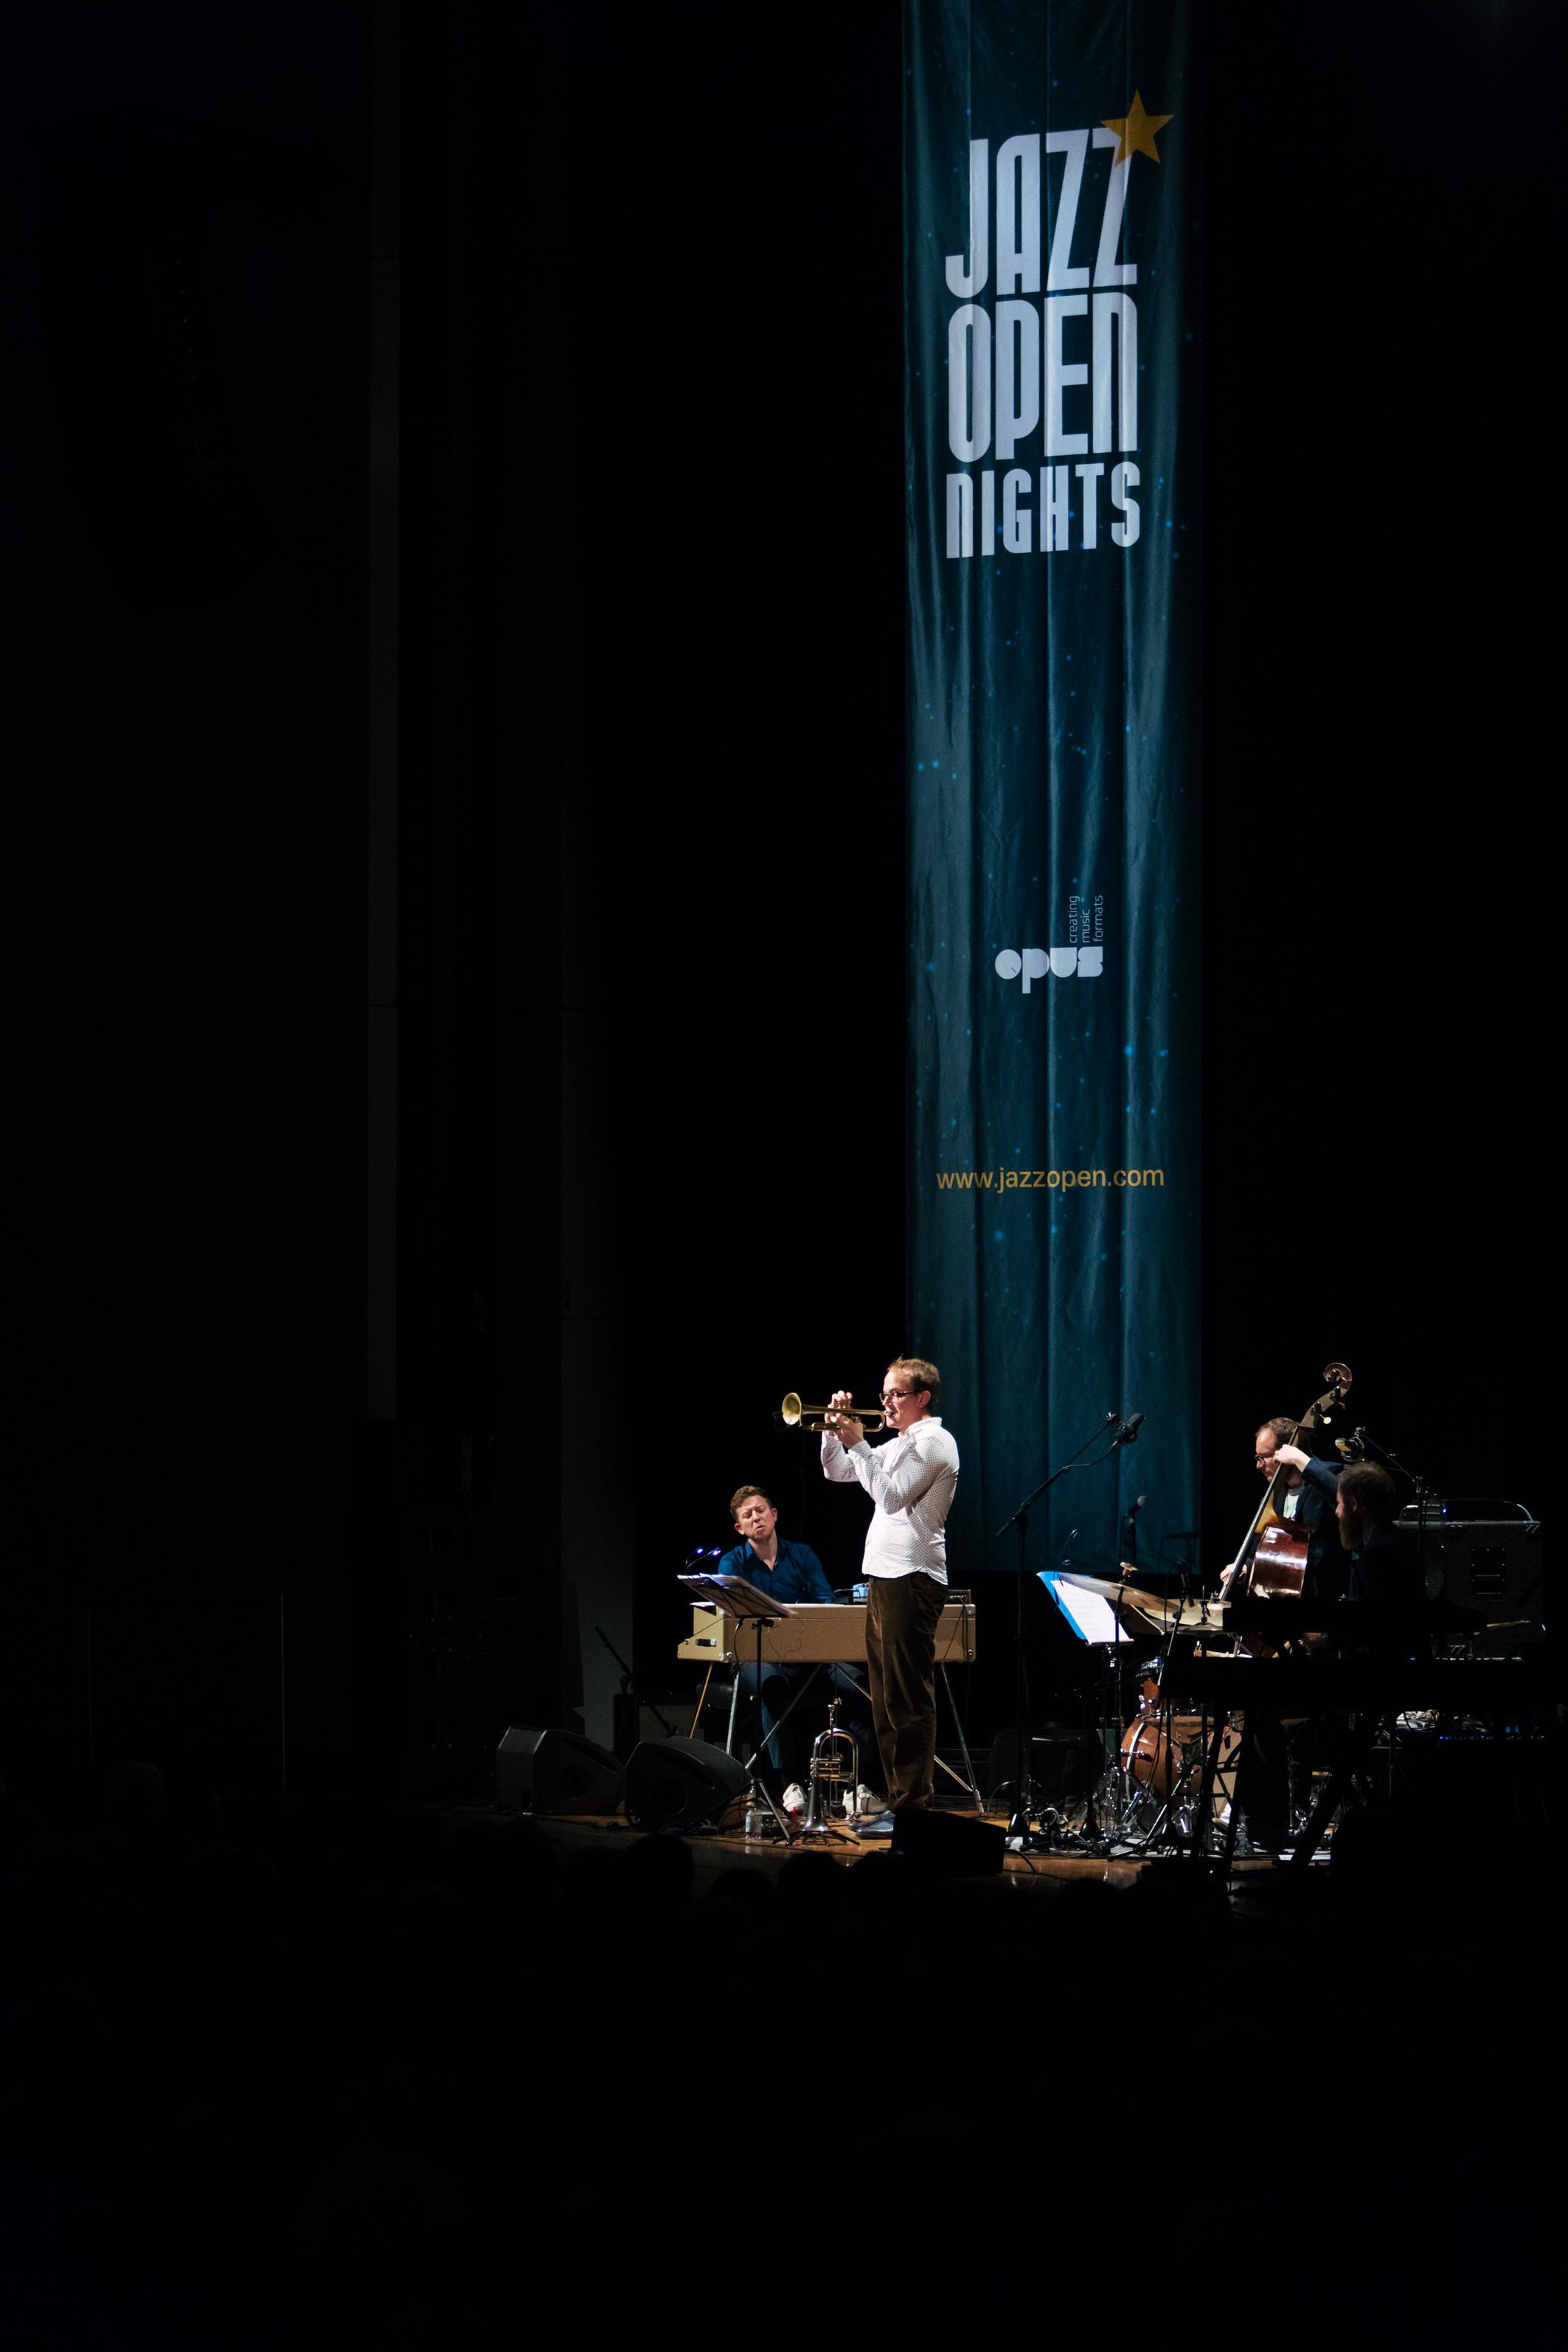 20171102_jazzopen-night-23.jpg